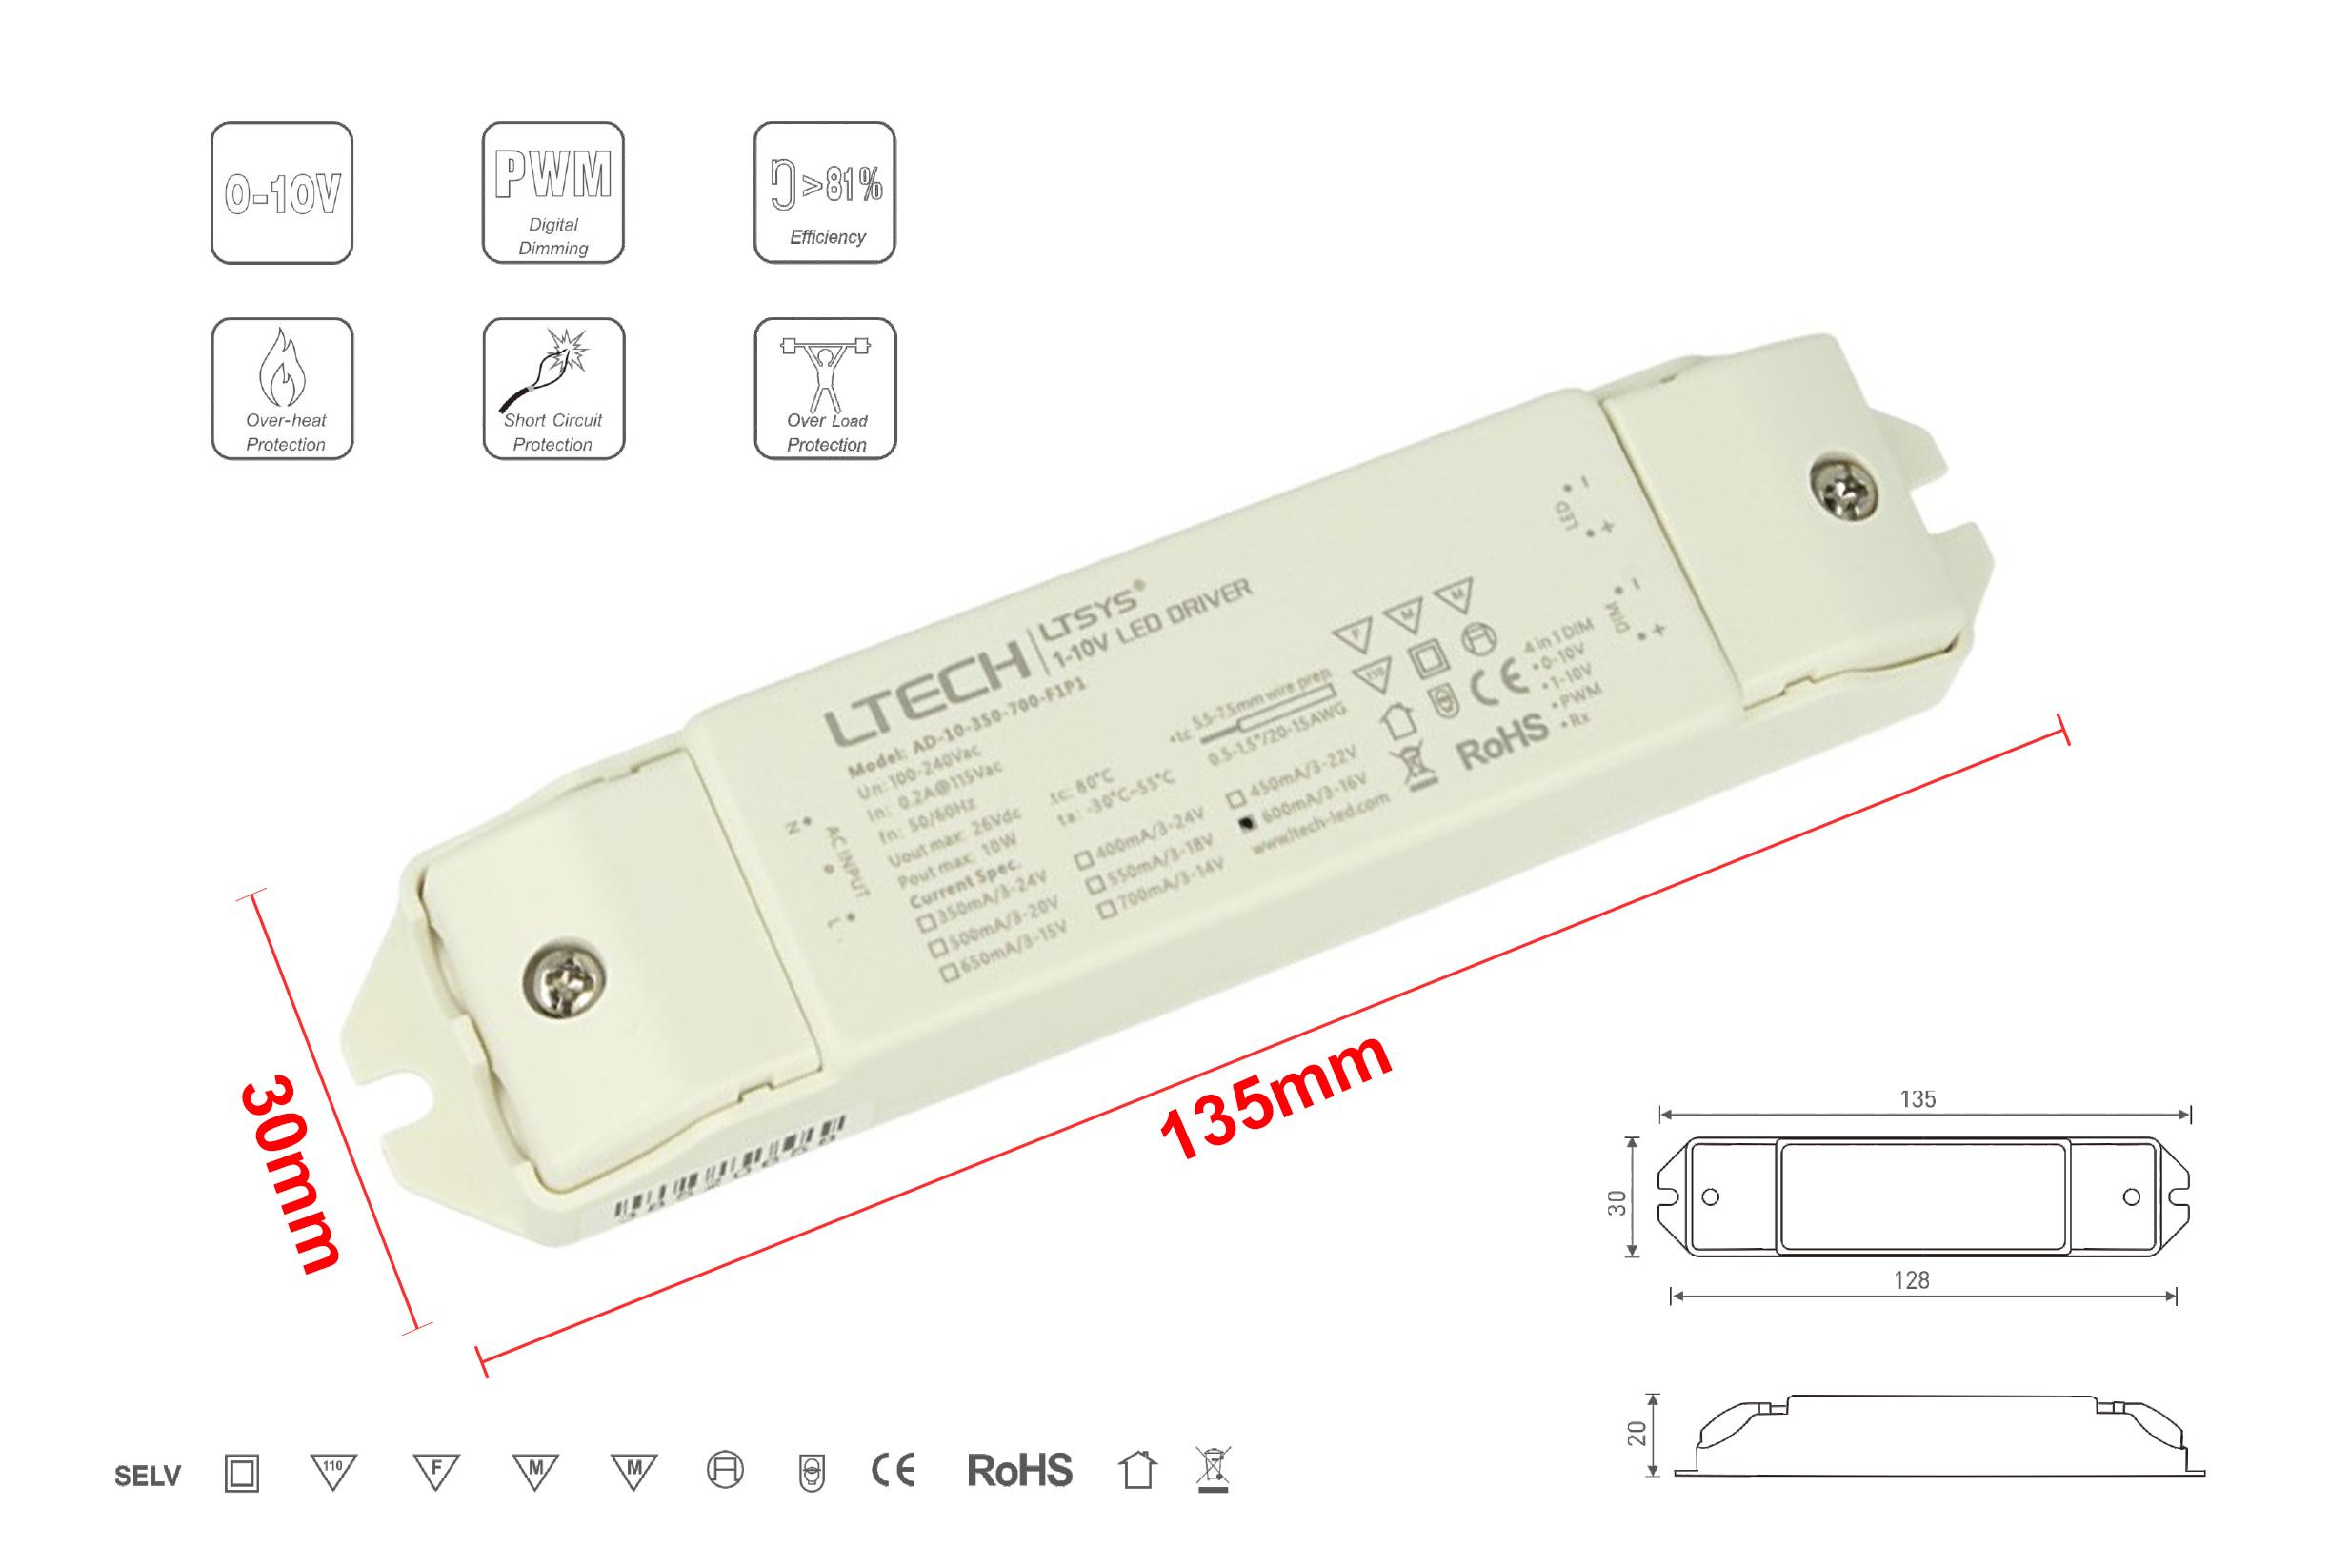 Led Driver CC Dimmerabile 0-10V 1-10V PWM 10W Regolabile 350/400/450/500/550/600/650/700mA - PZ